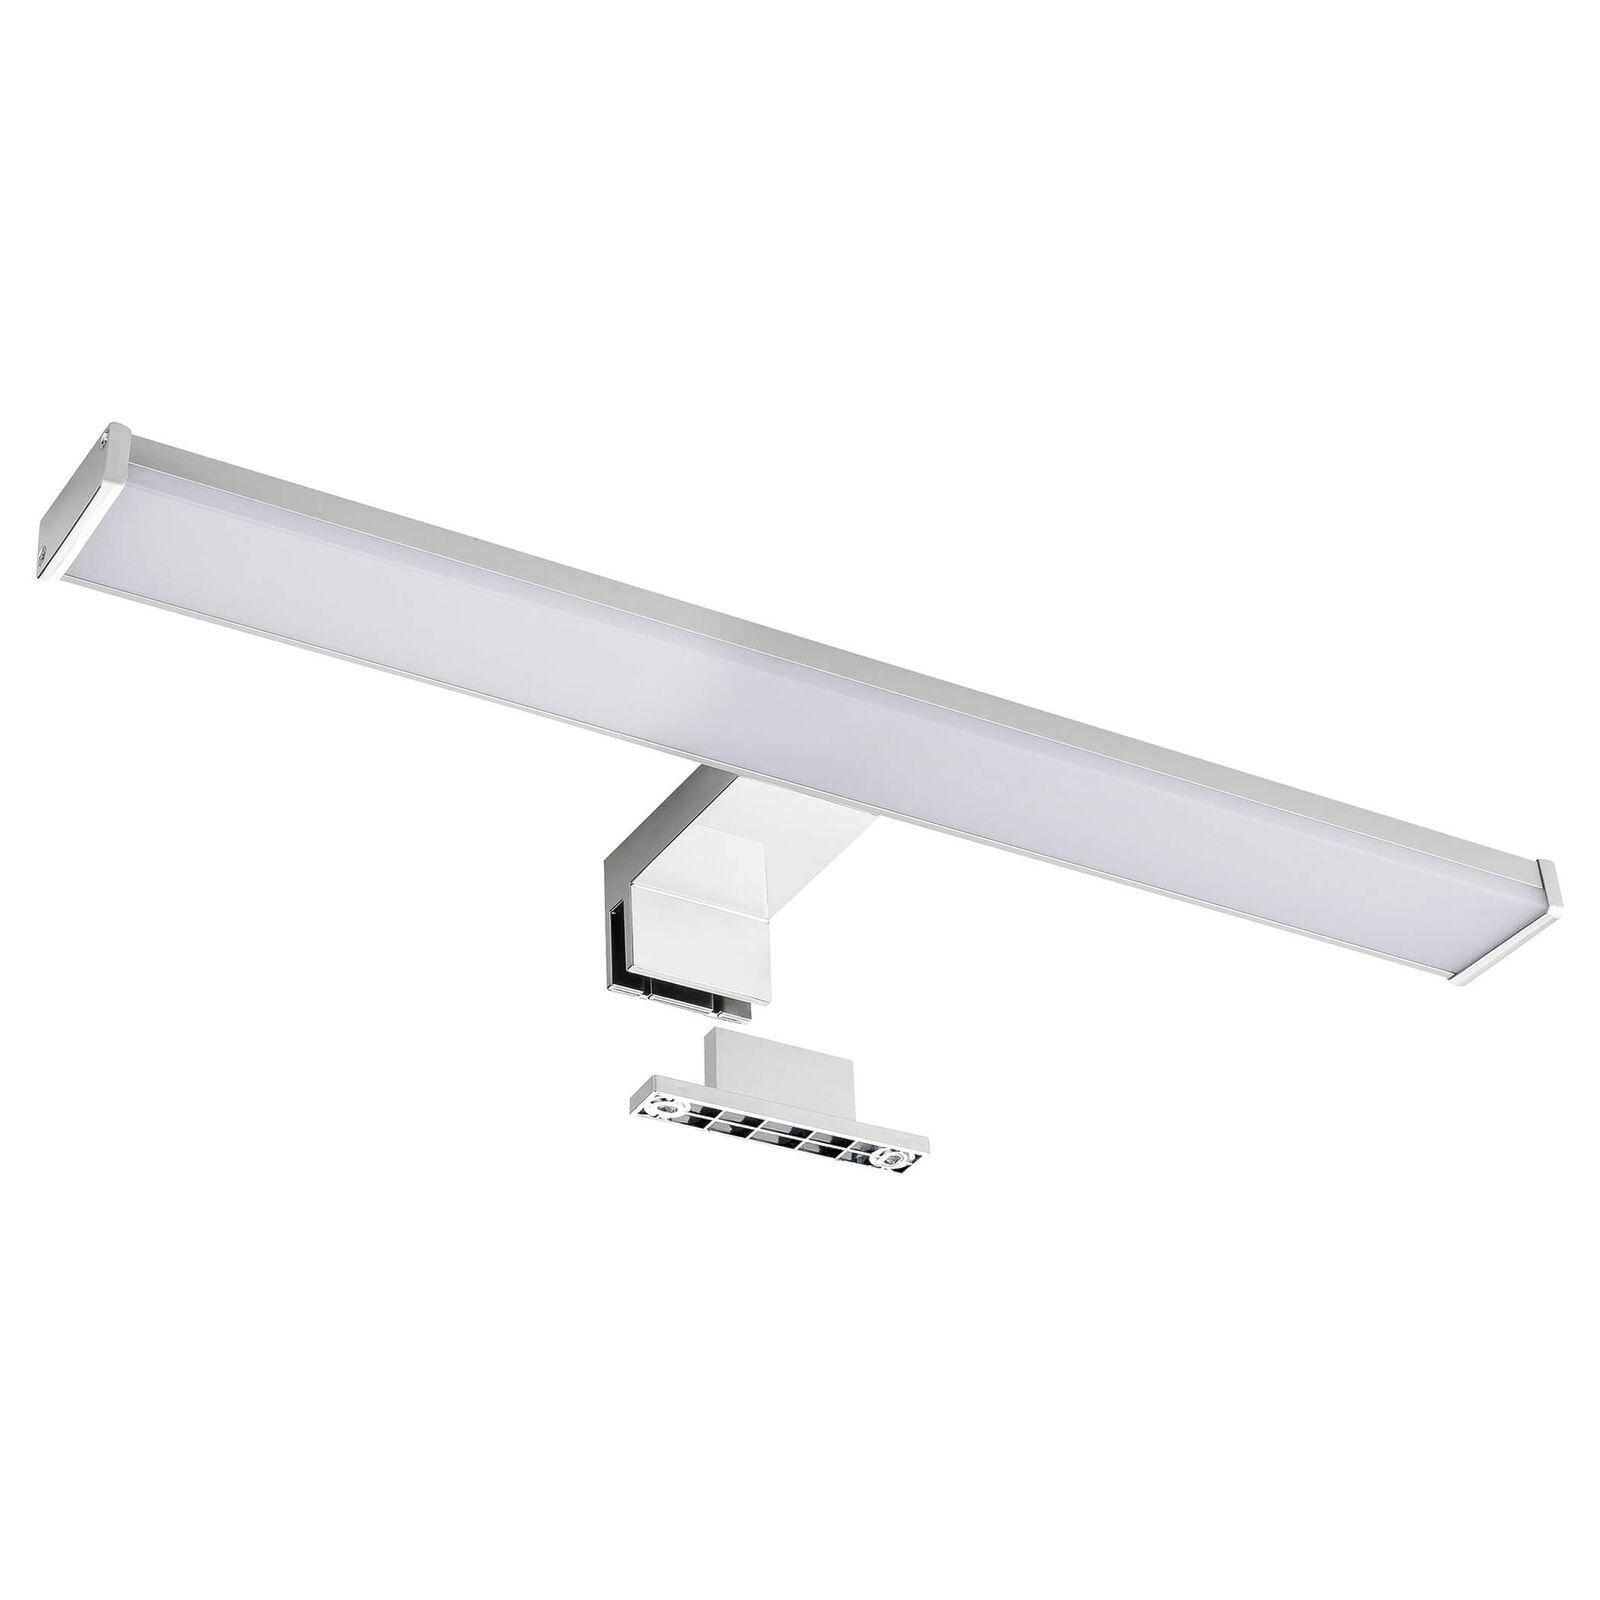 LED Spiegelleuchte, Spiegelschrank Leuchte, Beleuchtung Bad, neutralweiß SEBSON